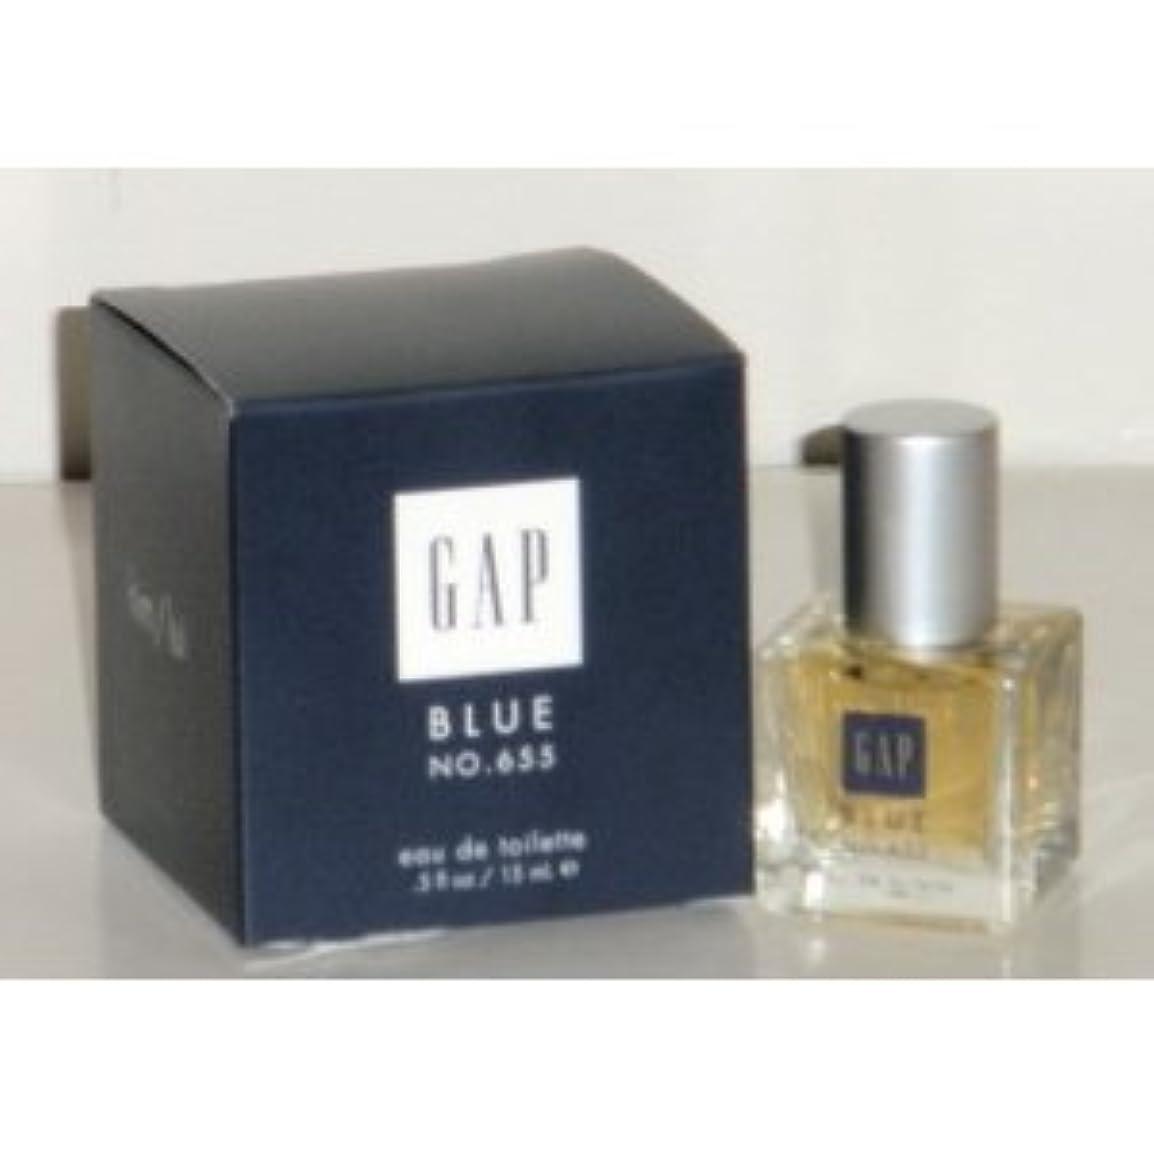 酸化するめまいが牛Gap Blue No. 655 (ギャップブルーNo. 655 ) for Him 0.5 oz (15ml) EDT Spray by Gap for Men